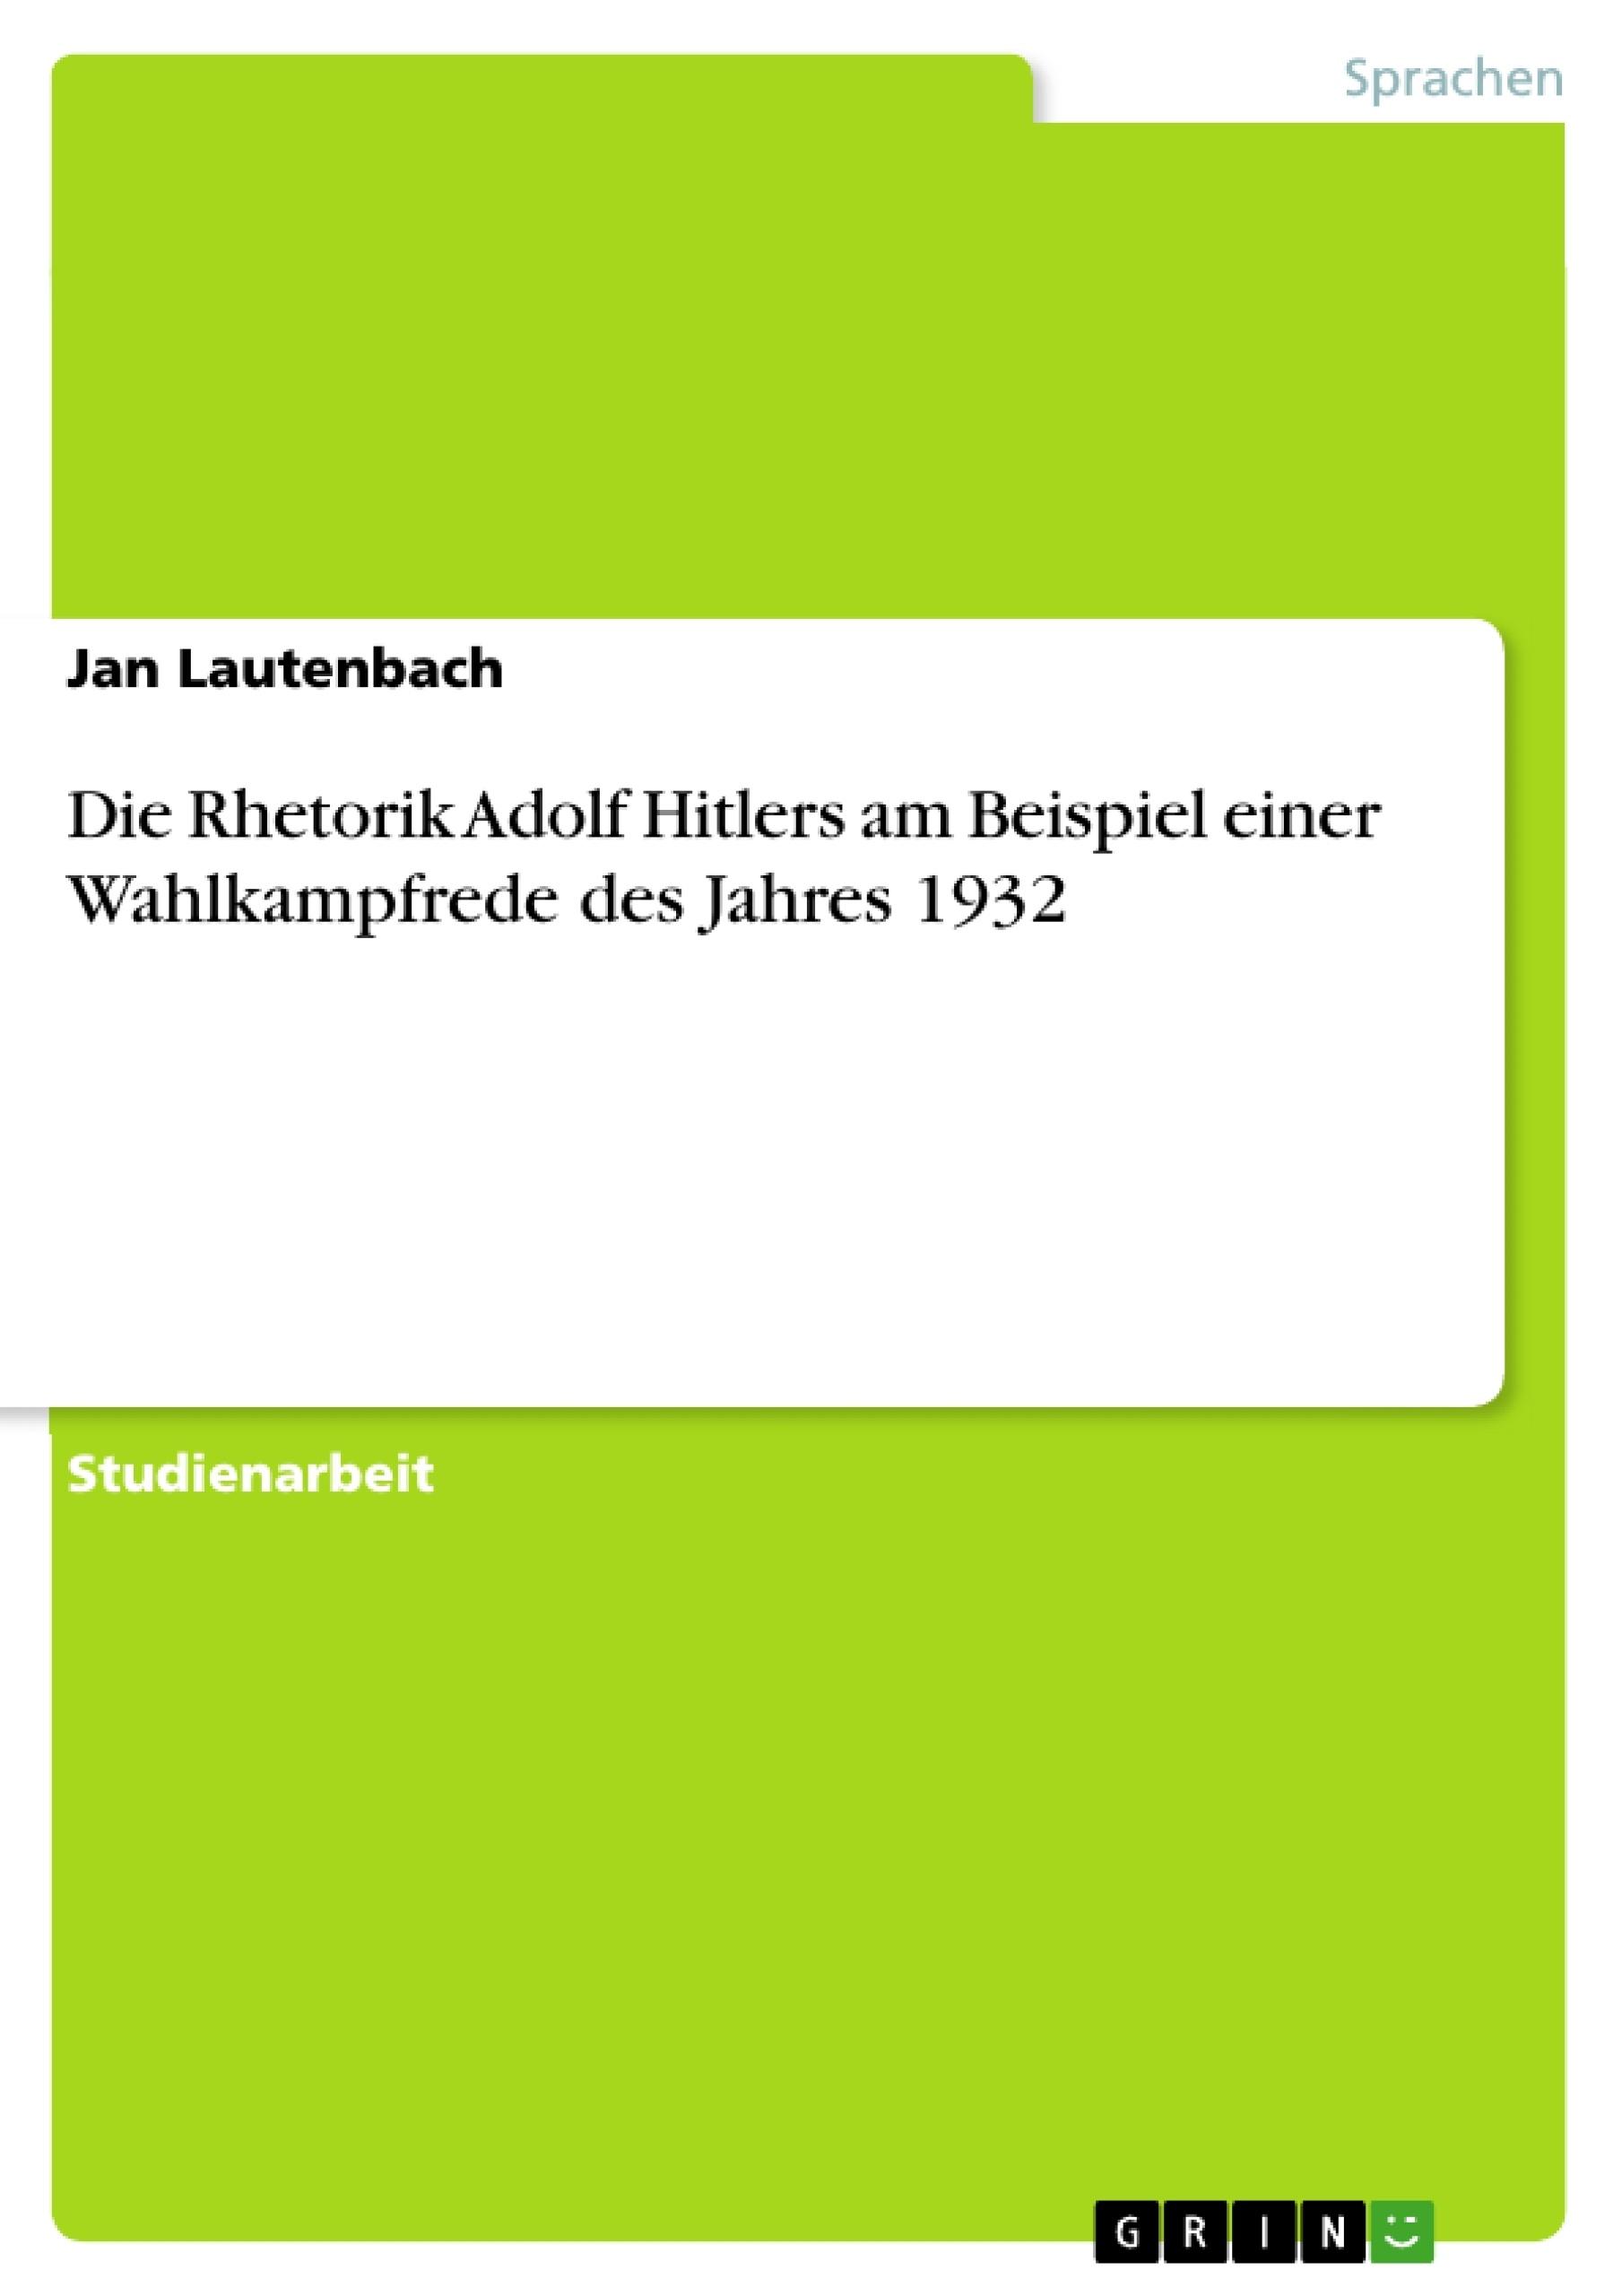 Titel: Die Rhetorik Adolf Hitlers am Beispiel einer Wahlkampfrede des Jahres 1932